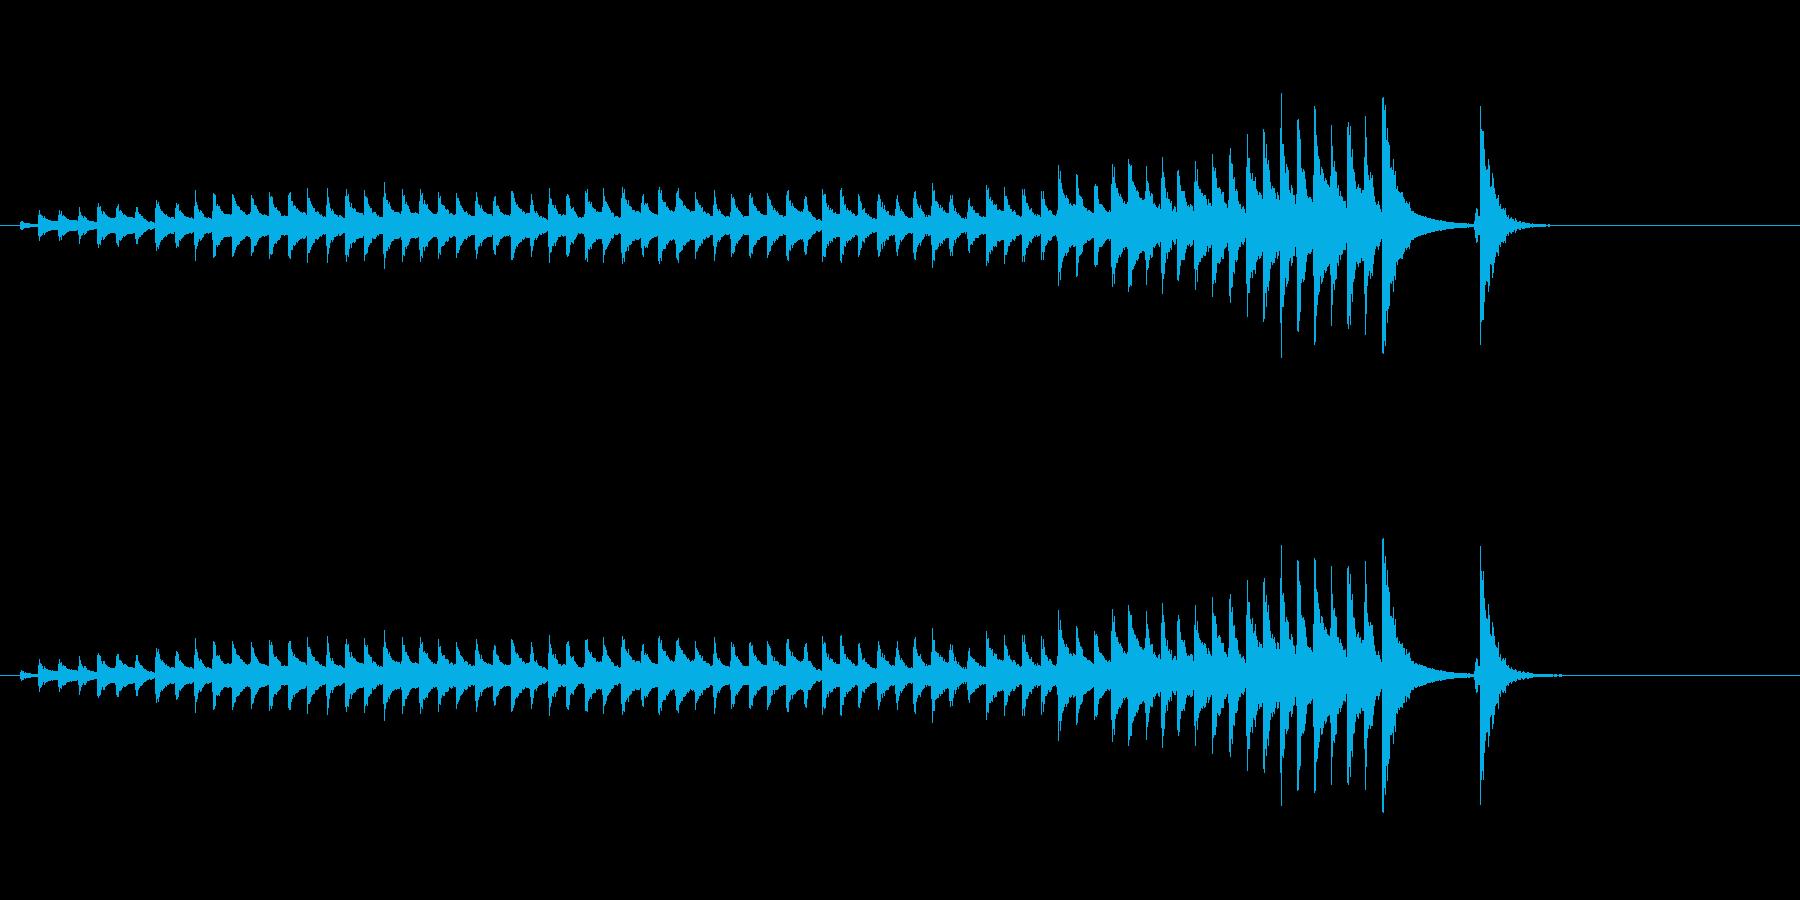 大太鼓17水音歌舞伎情景描写和風和太鼓江の再生済みの波形